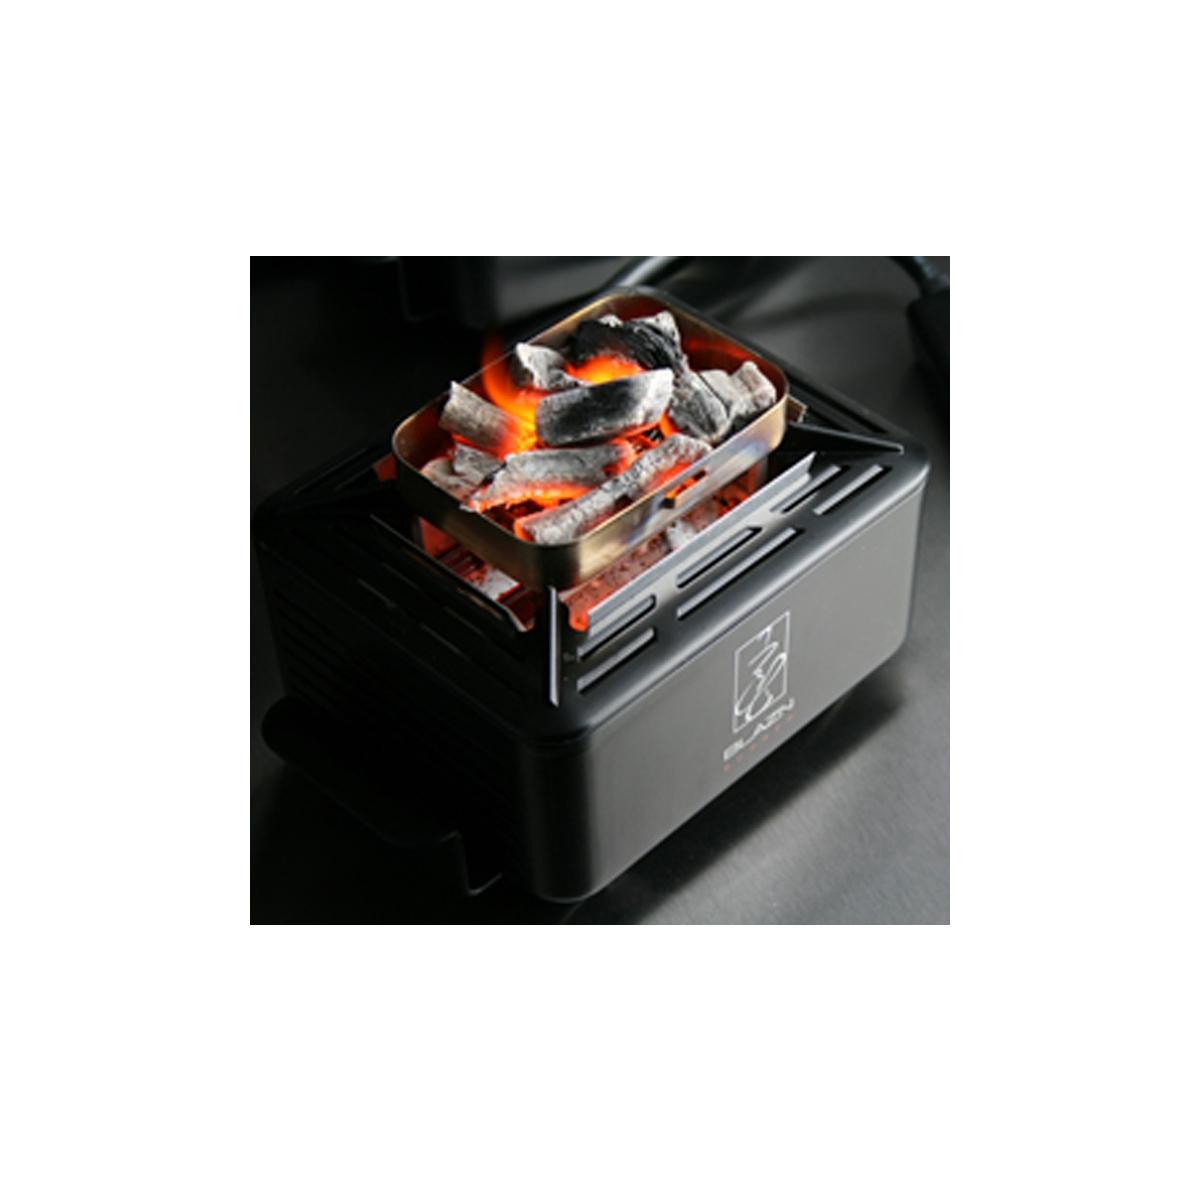 BLAZN BURNER : Allume charbons infrarouge